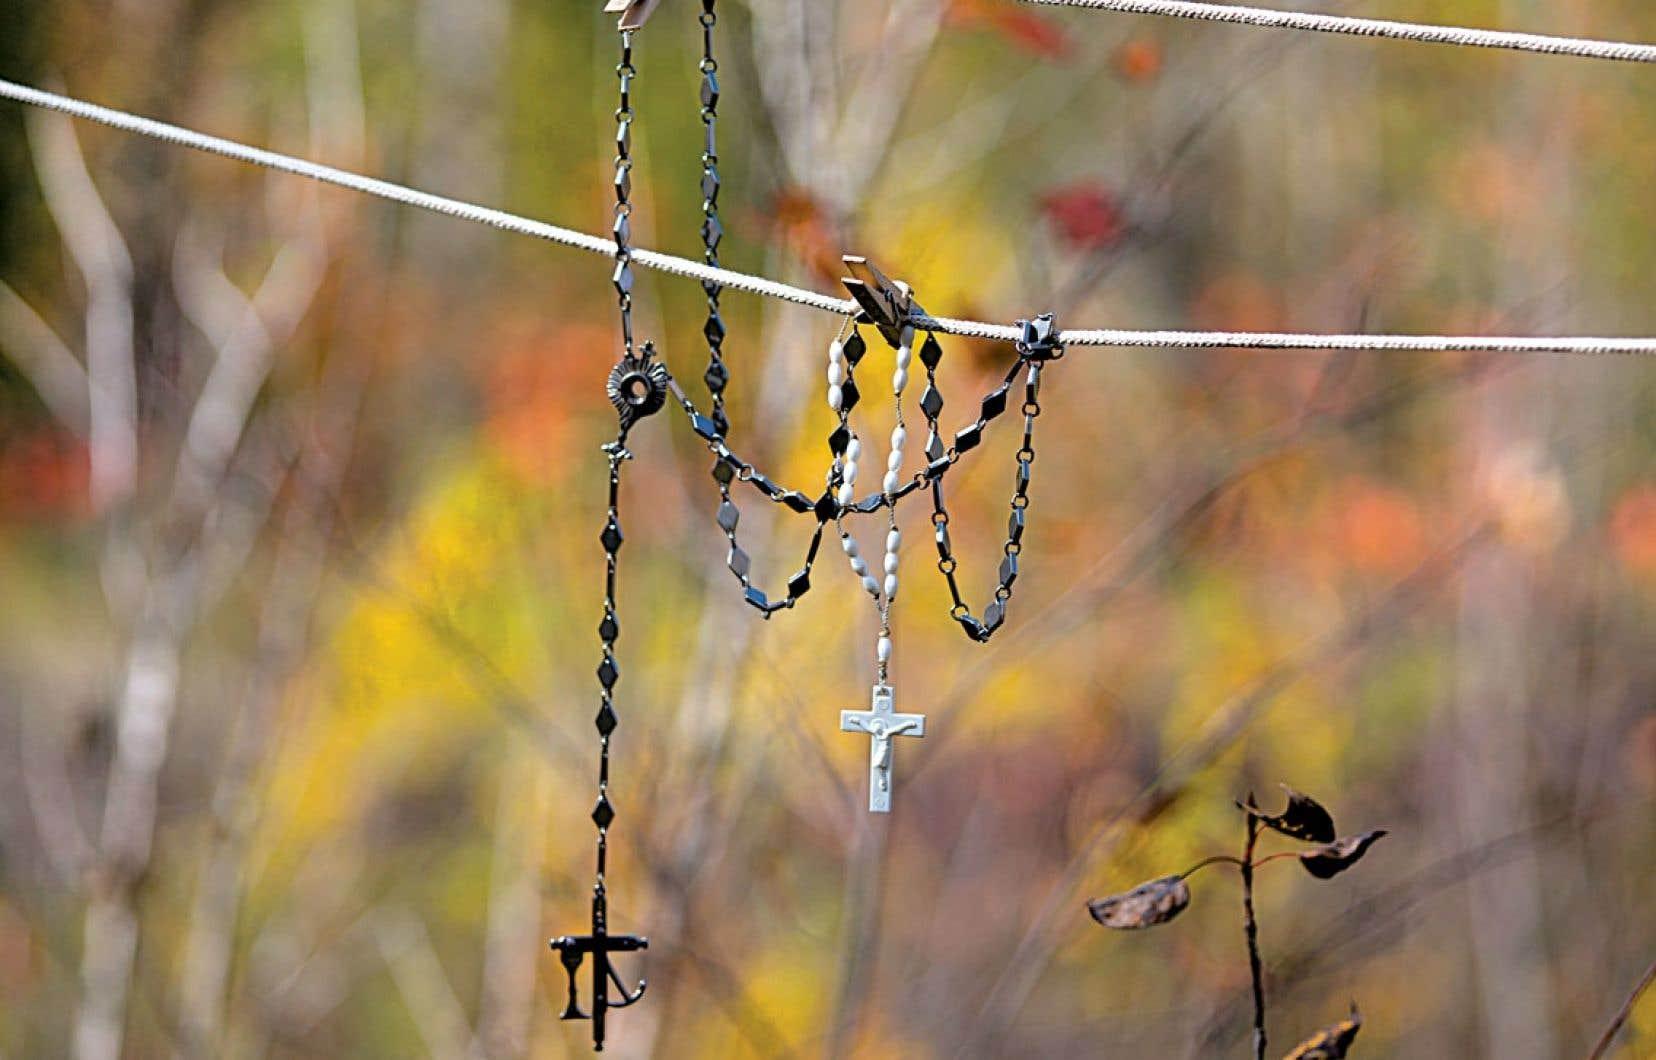 Un chapelet sur la corde à linge, symbole populaire entre superstition et religion, issu de notre bon vieux répertoire ostentatouèèèèèèère judéo-chrétien et de notre obsession météorologique.